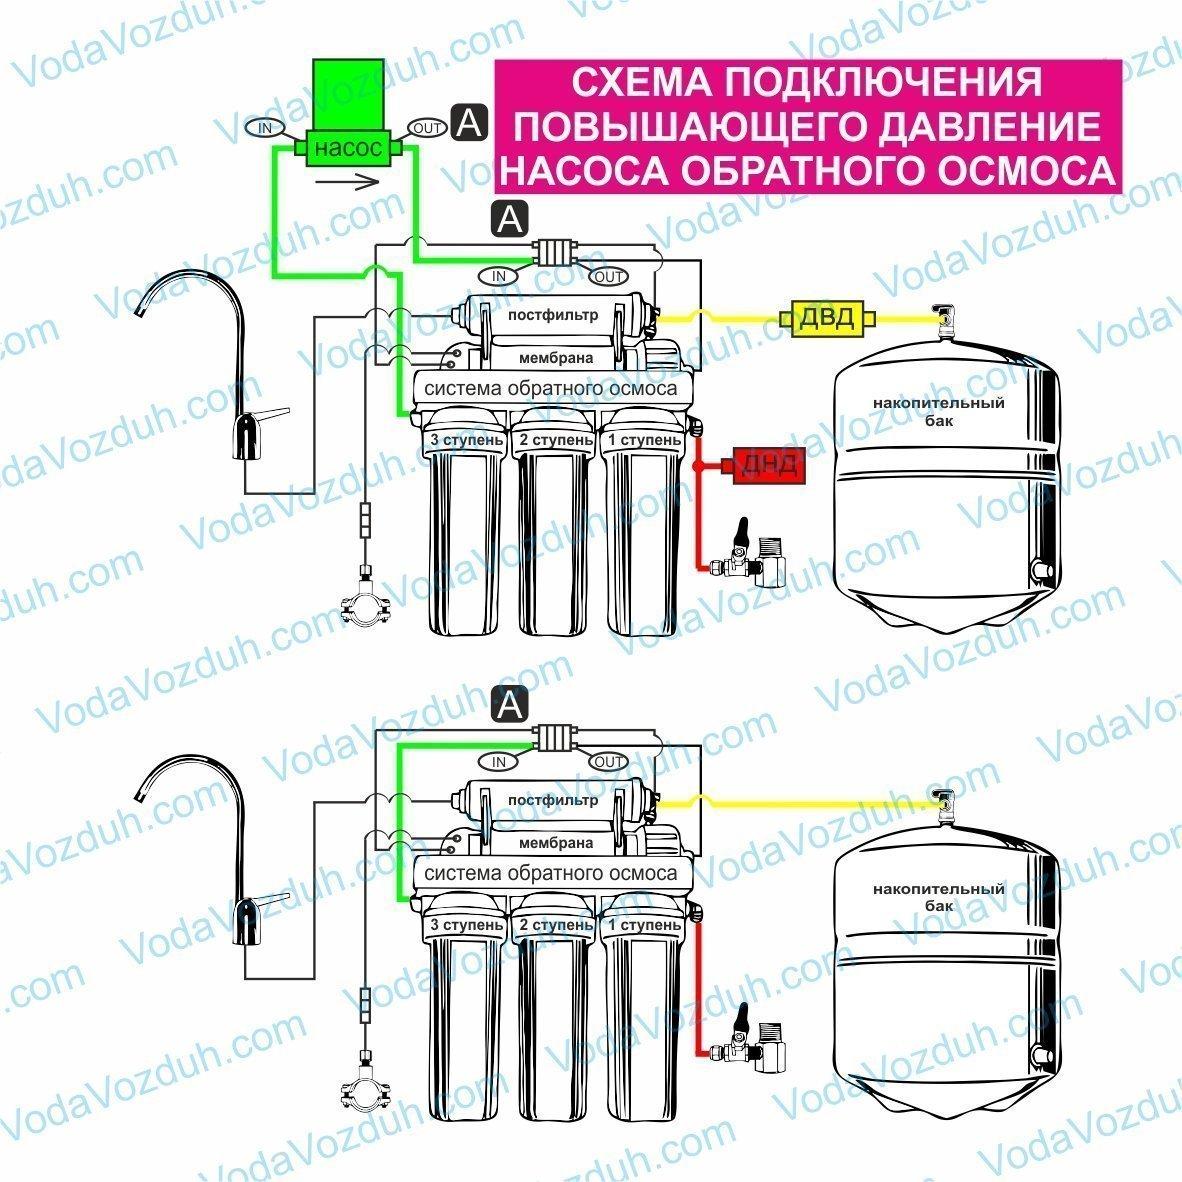 Схема подключения насоса к фильтру обратного осмоса